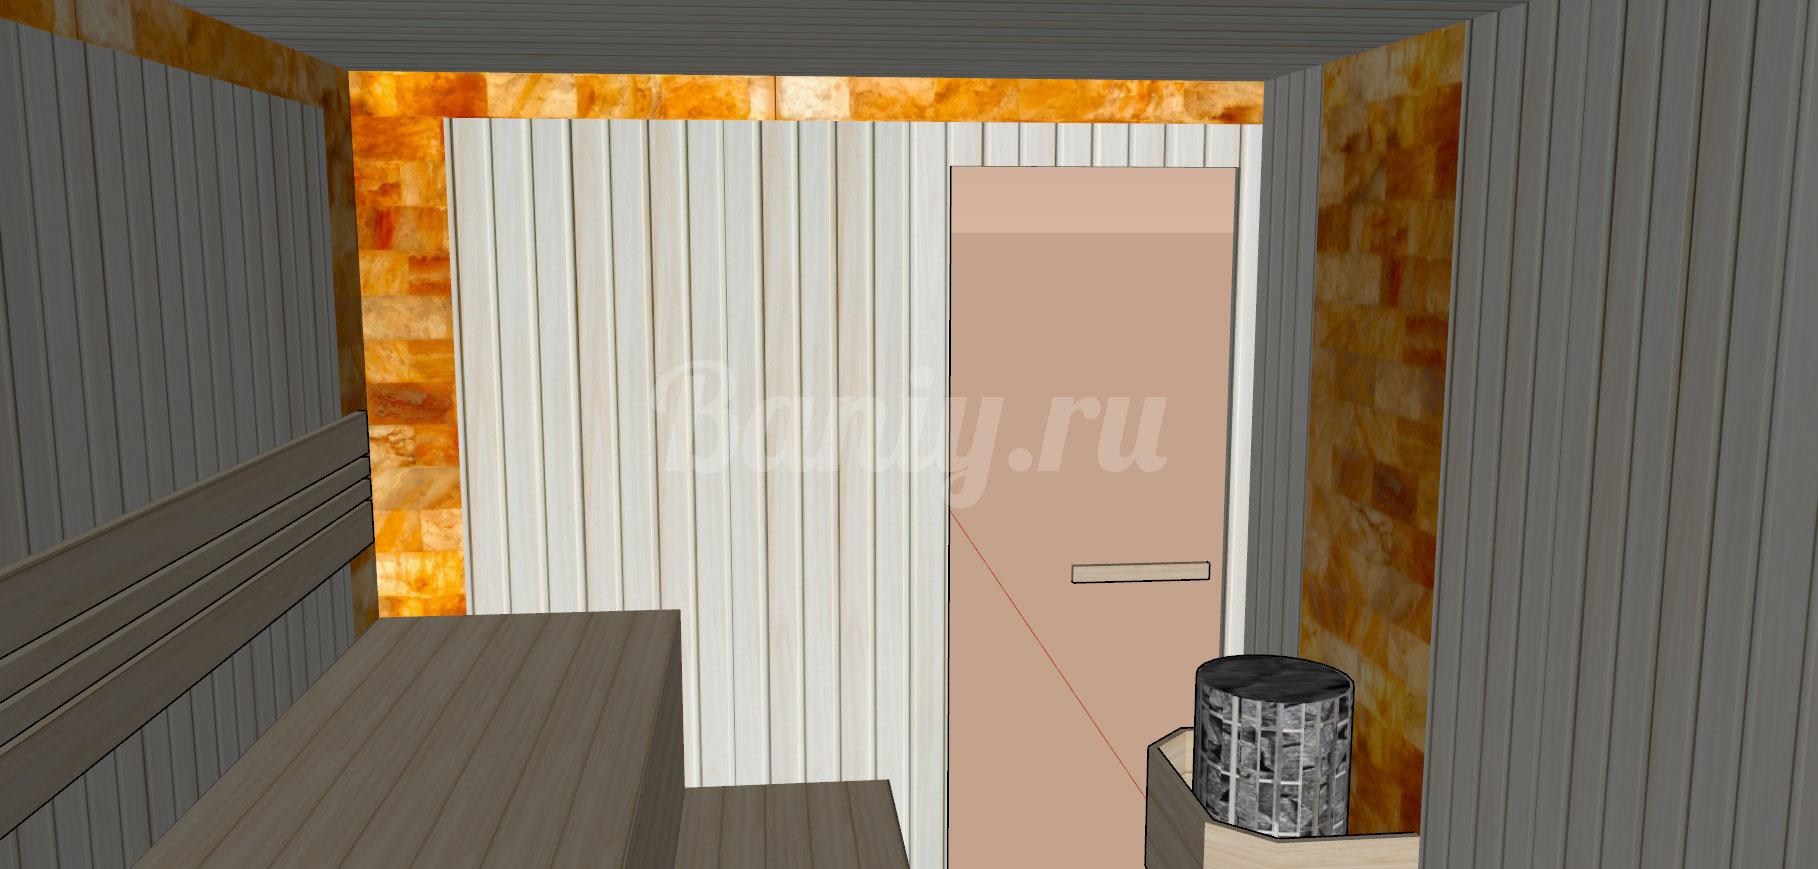 Проект сауны С-6 для частного дома или квартиры, фото 6